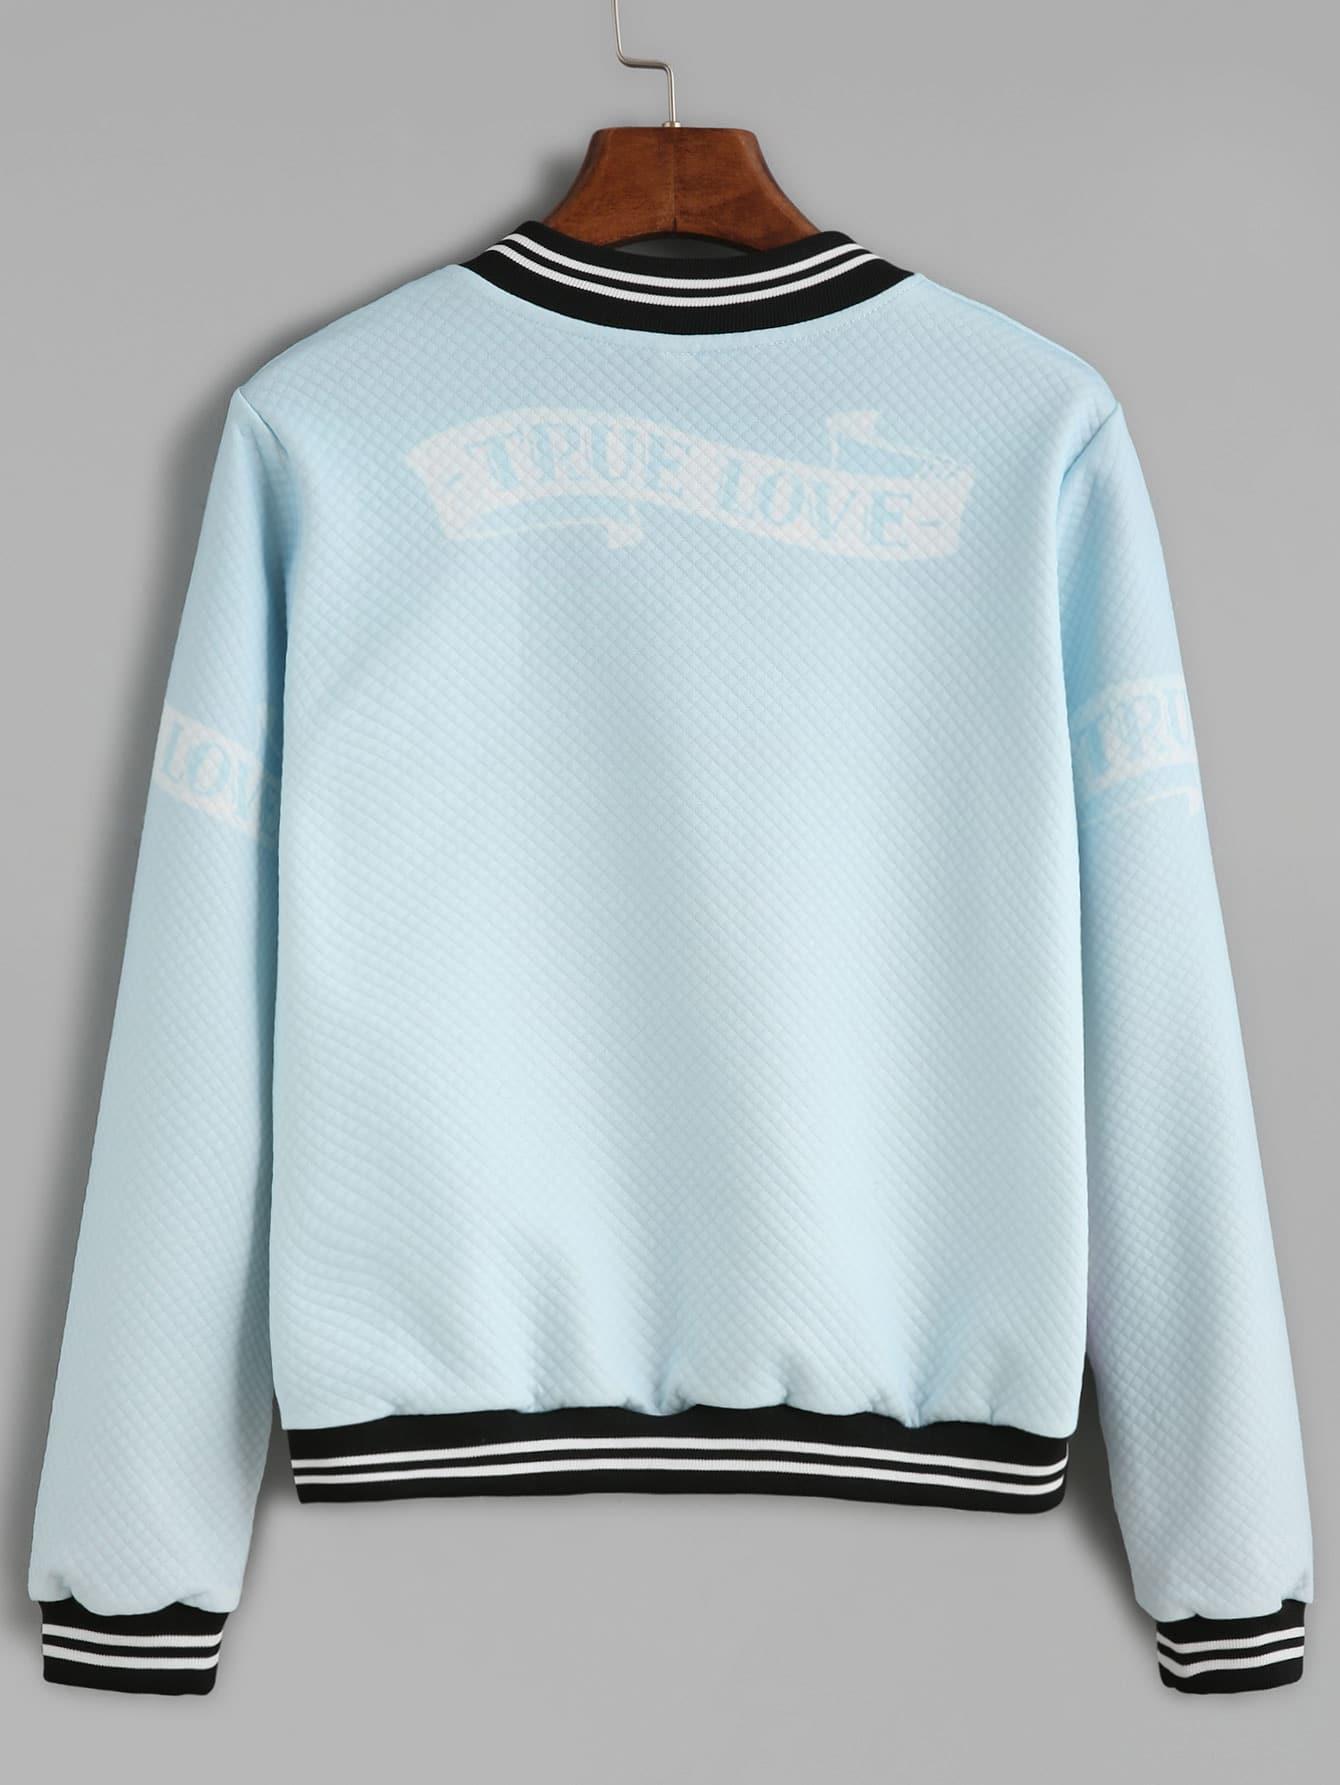 jacket160818001_2